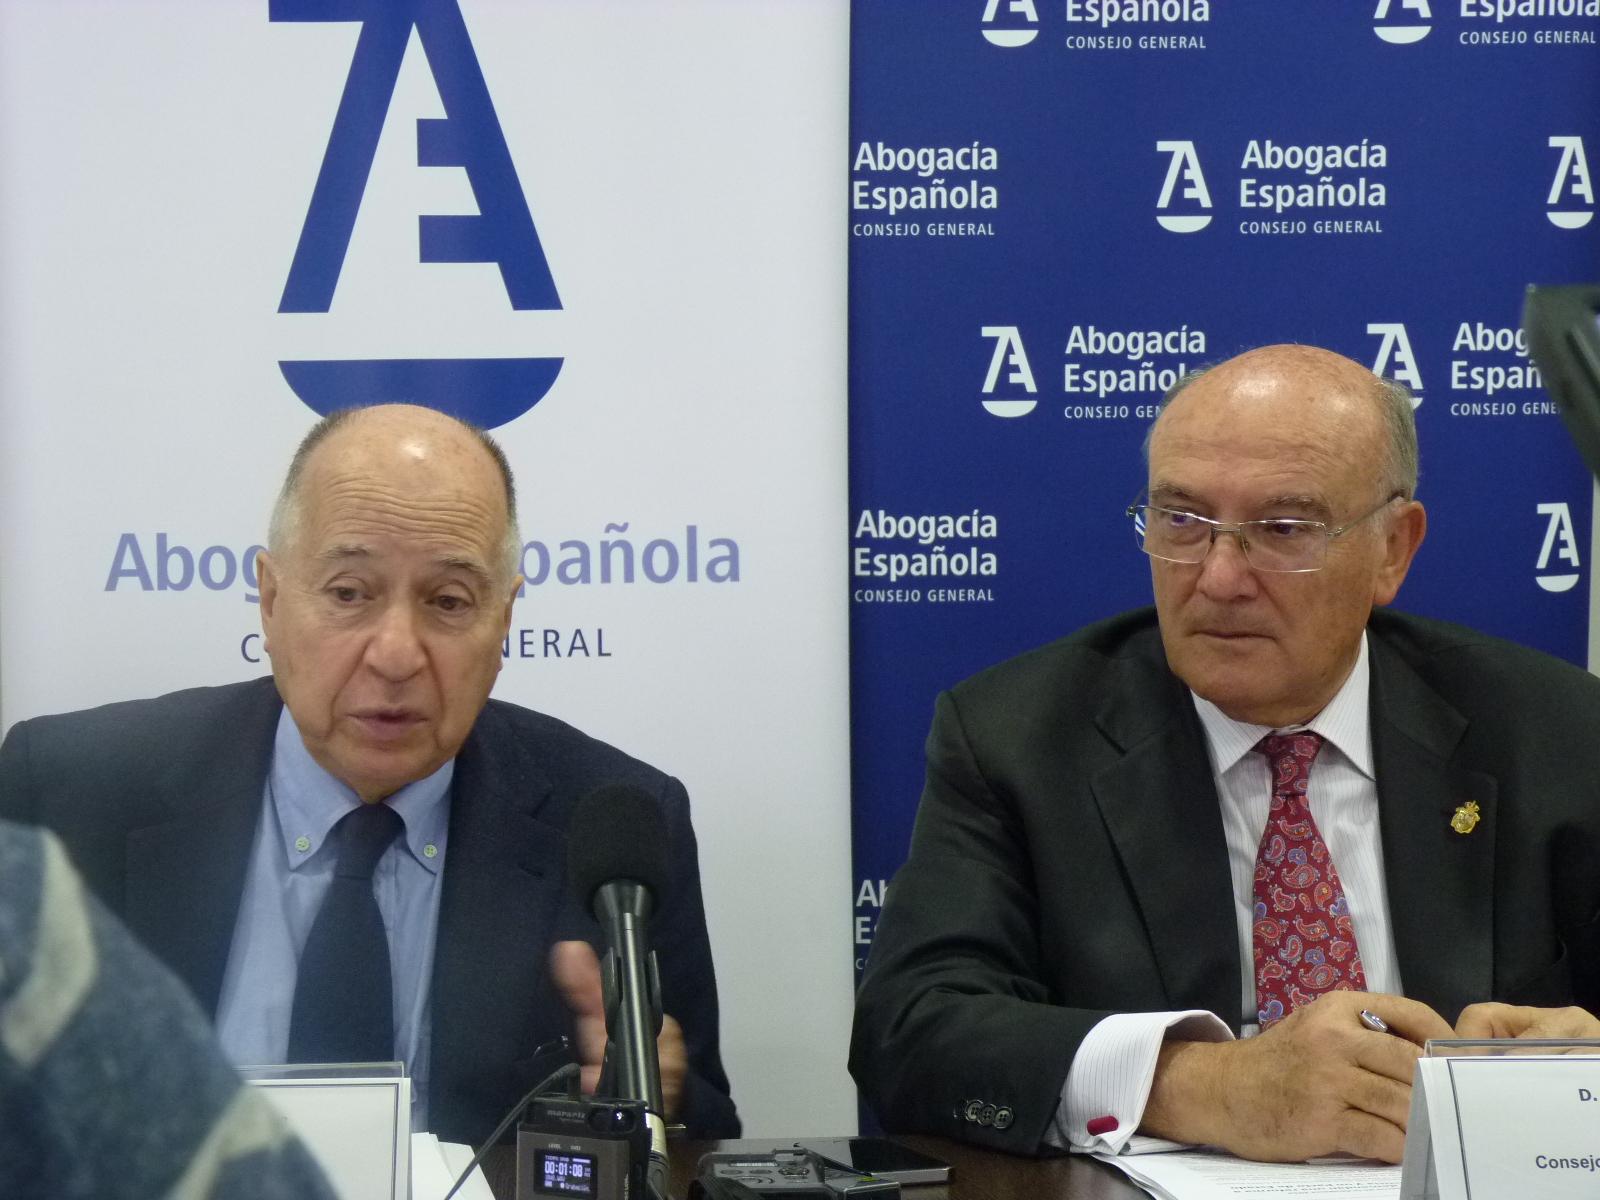 Presentación del V Barómetro sobre Abogacía. Juan José Toharia. Carlos Carnicer